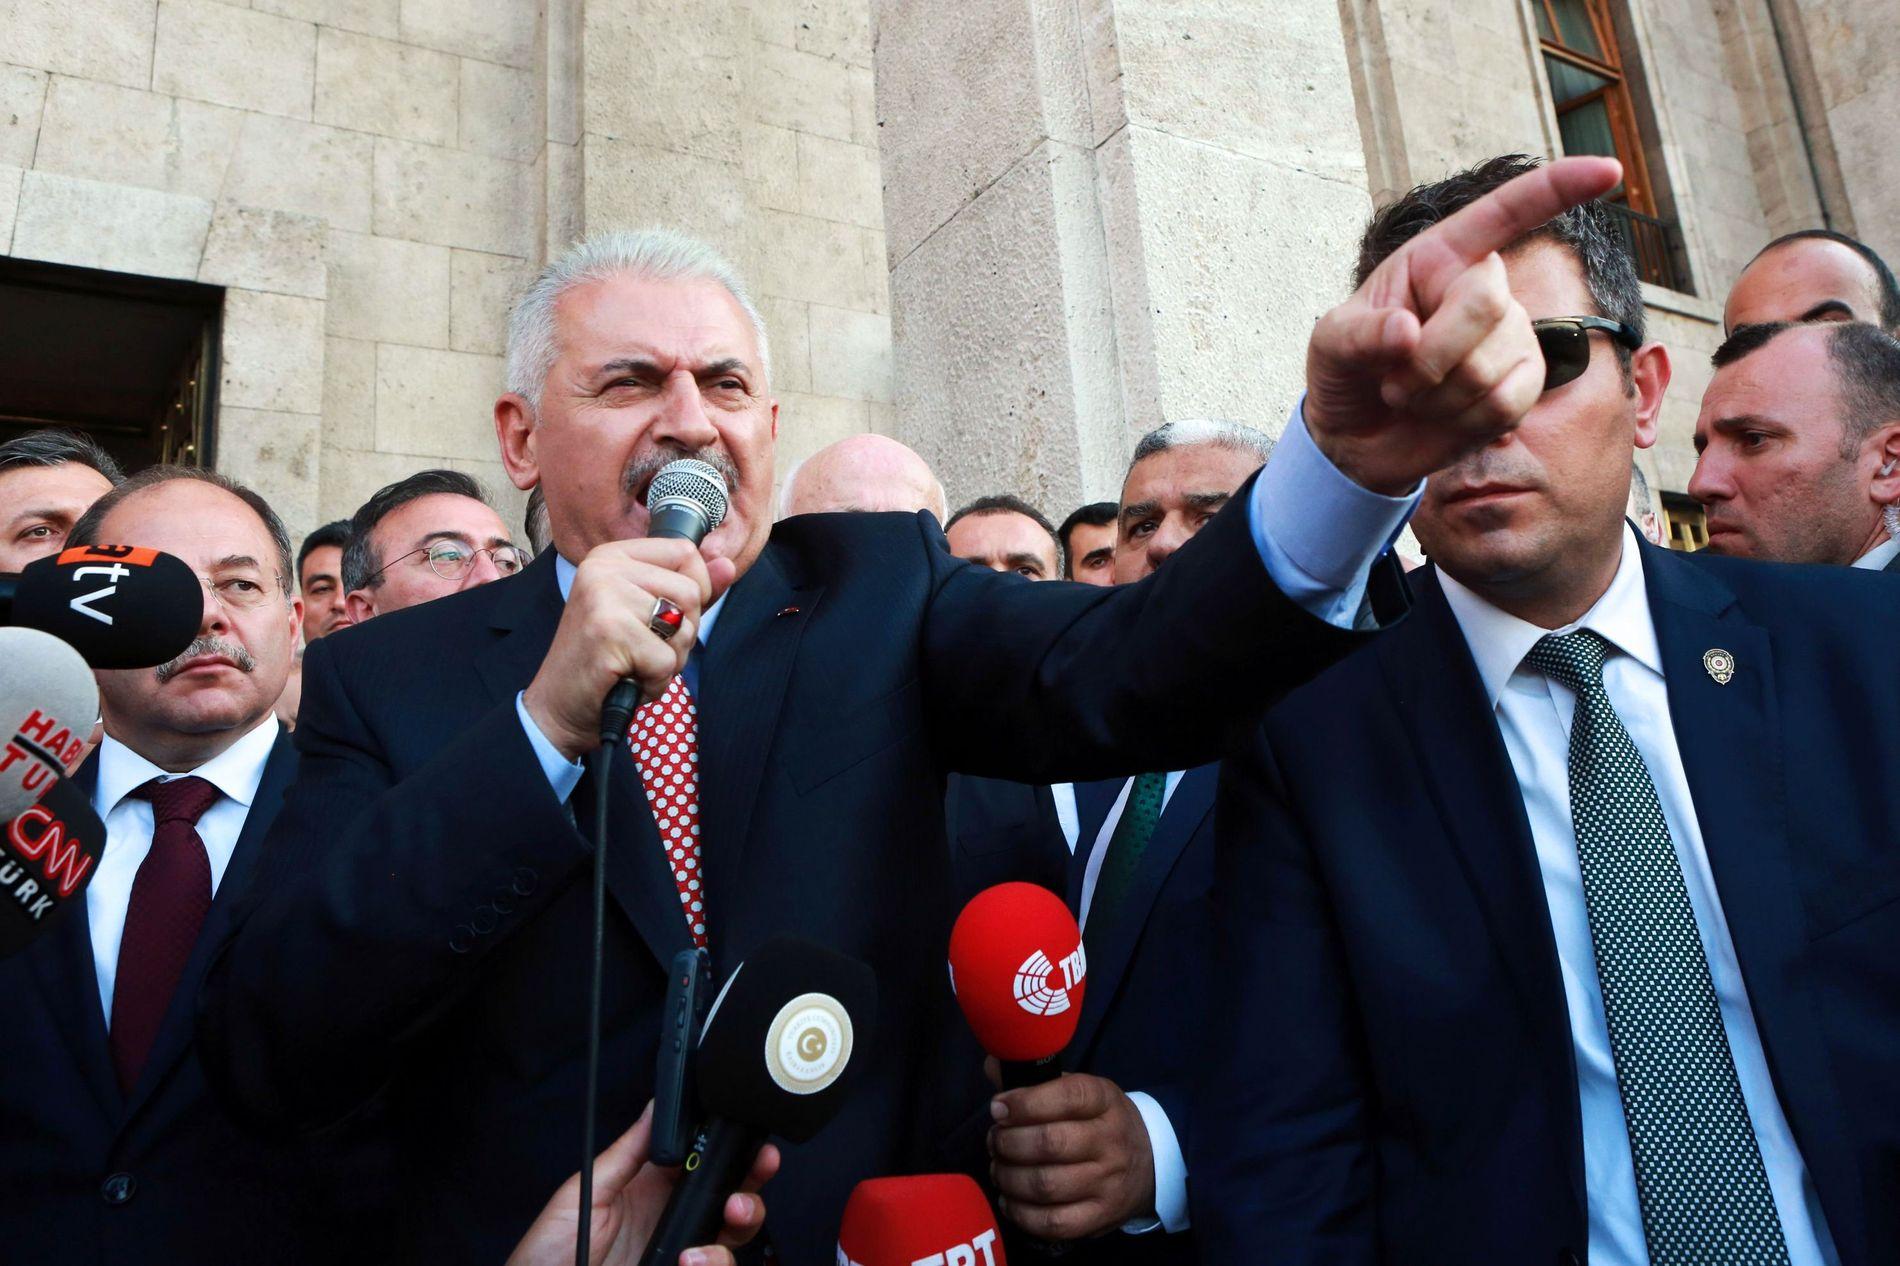 TAKKER FOLKET: Tyrkias statsminister Binali Yıldırım hyller det tyrkiske folk for deres reaksjon på kuppforsøket. Det beste forsvaret mot terror er å veive det tyrkiske flagget, sier han.